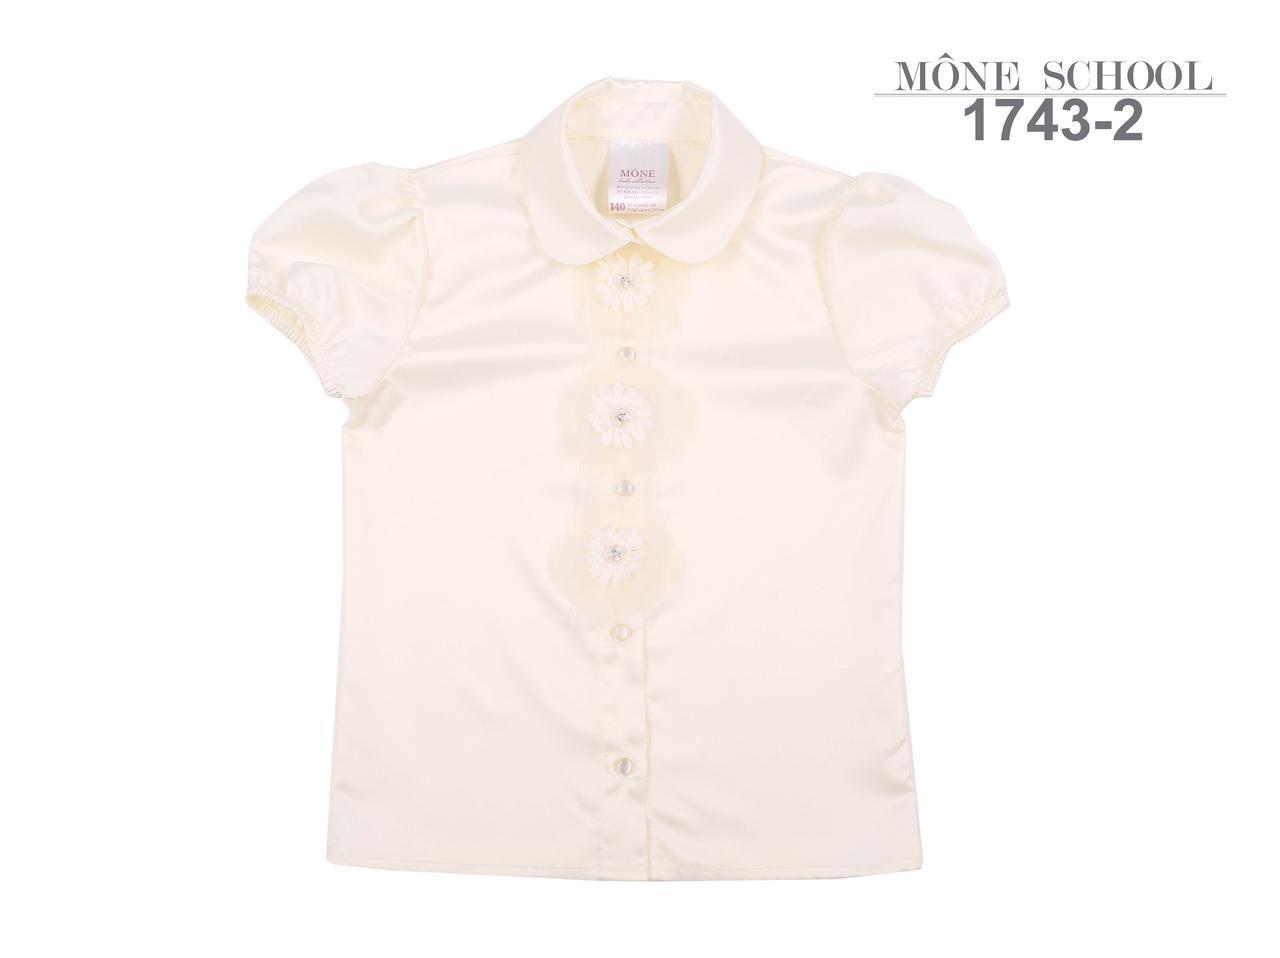 Атласная школьная блузка с коротким рукавом (молочная) Моне р-ры 140